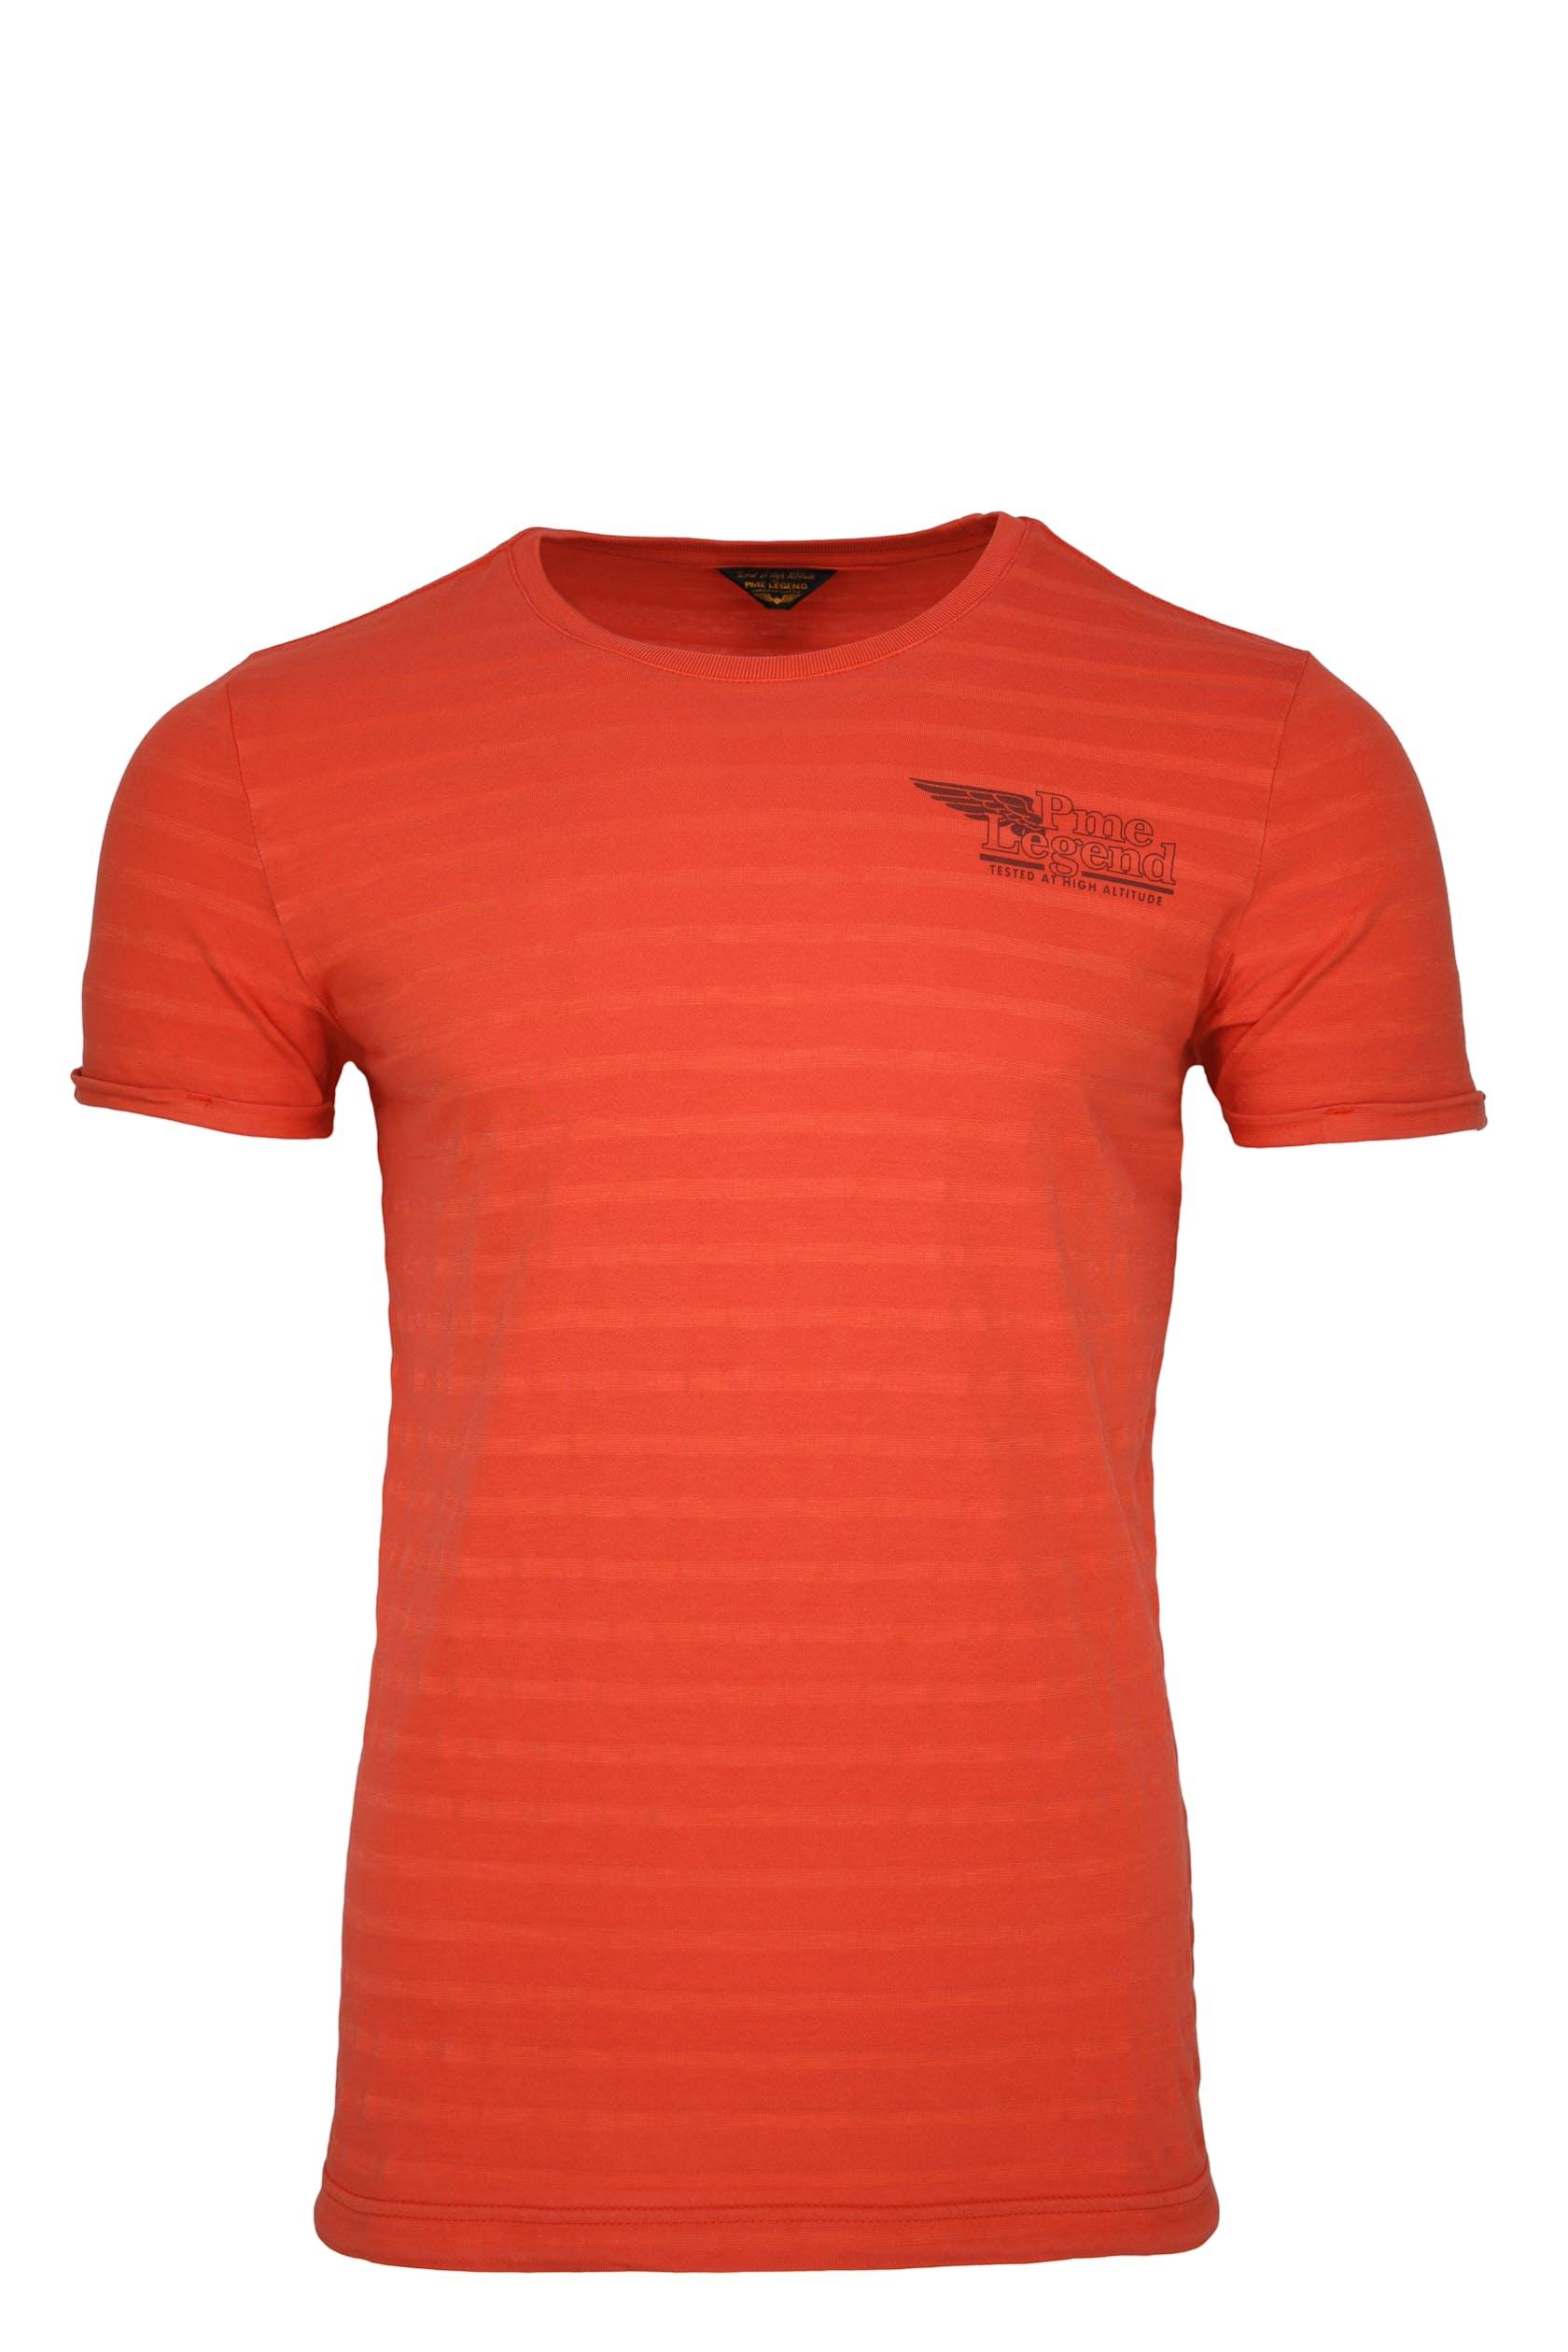 oranges T-Shirt mit angedeuteten, hellen Querstreifen für Herren von PME